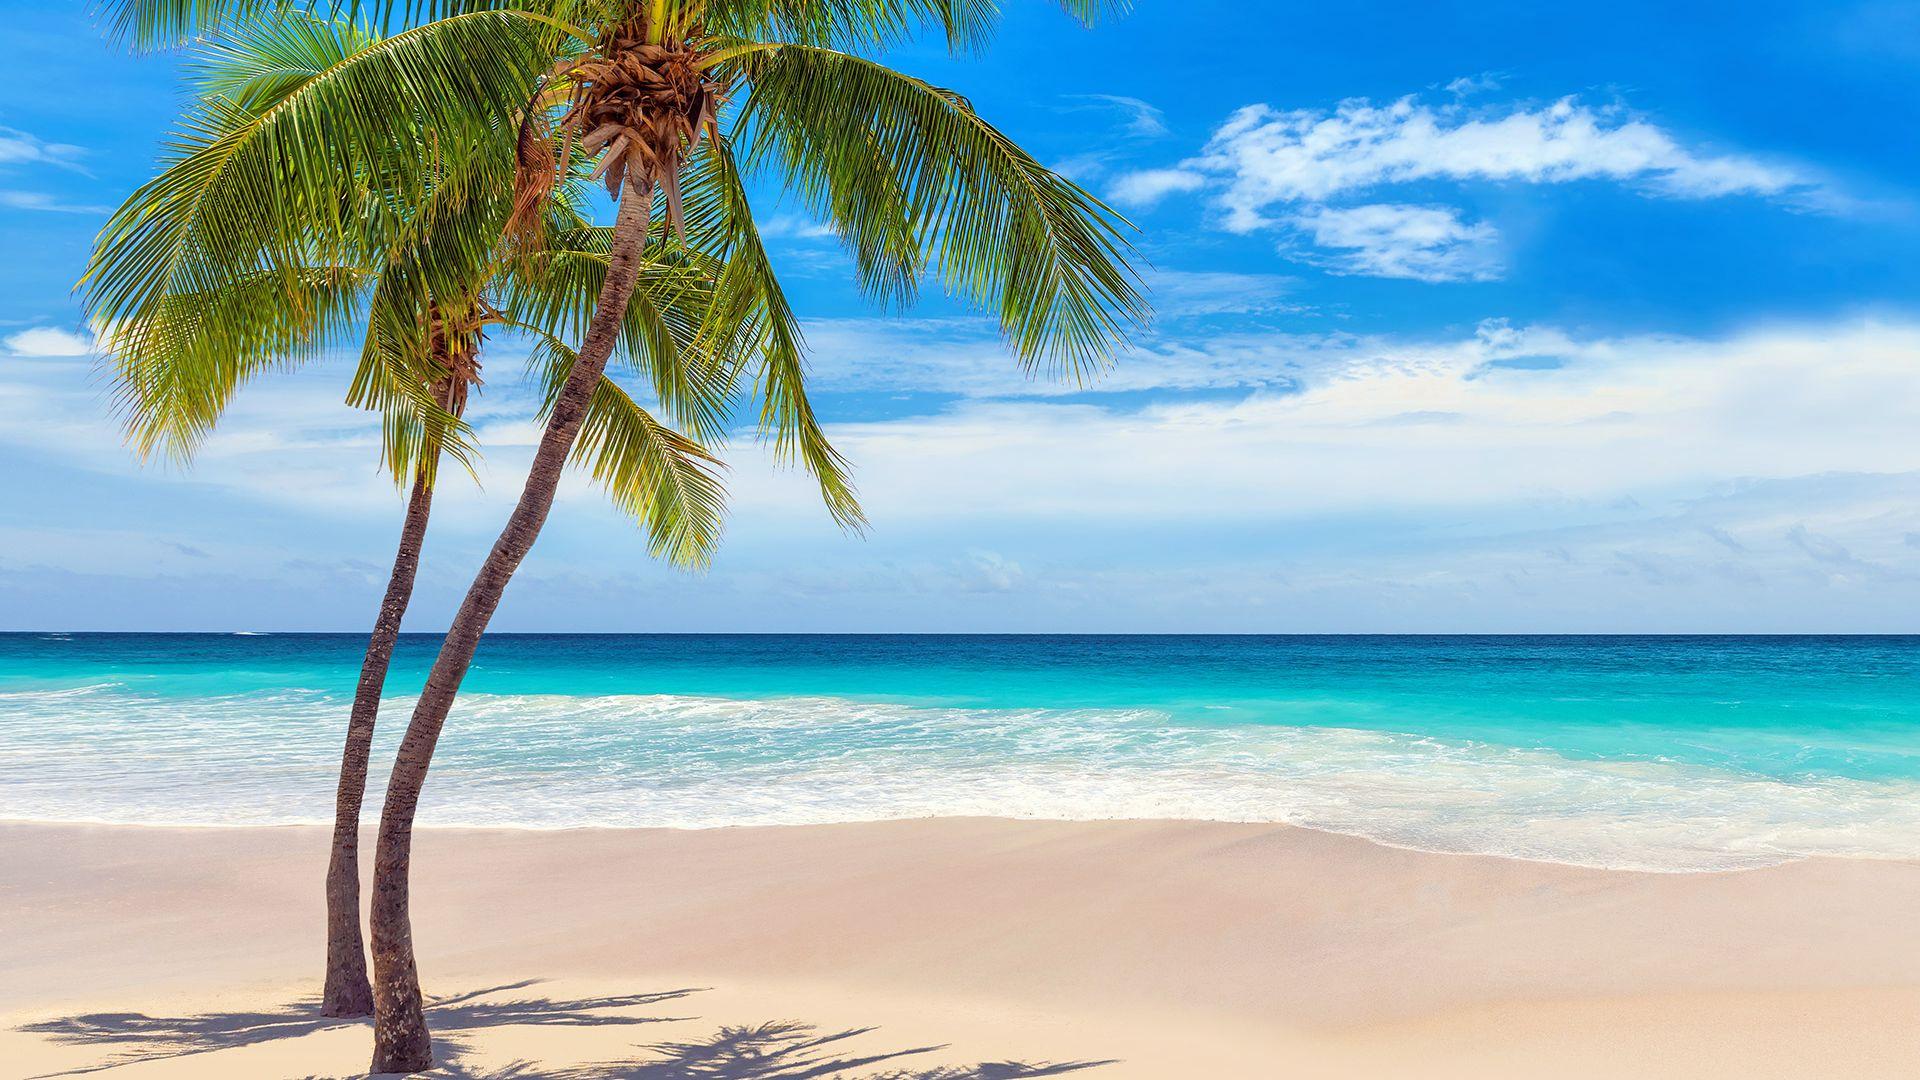 Sejur plaja Punta Cana, Republica Dominicana, 9 zile - 15 august 2021